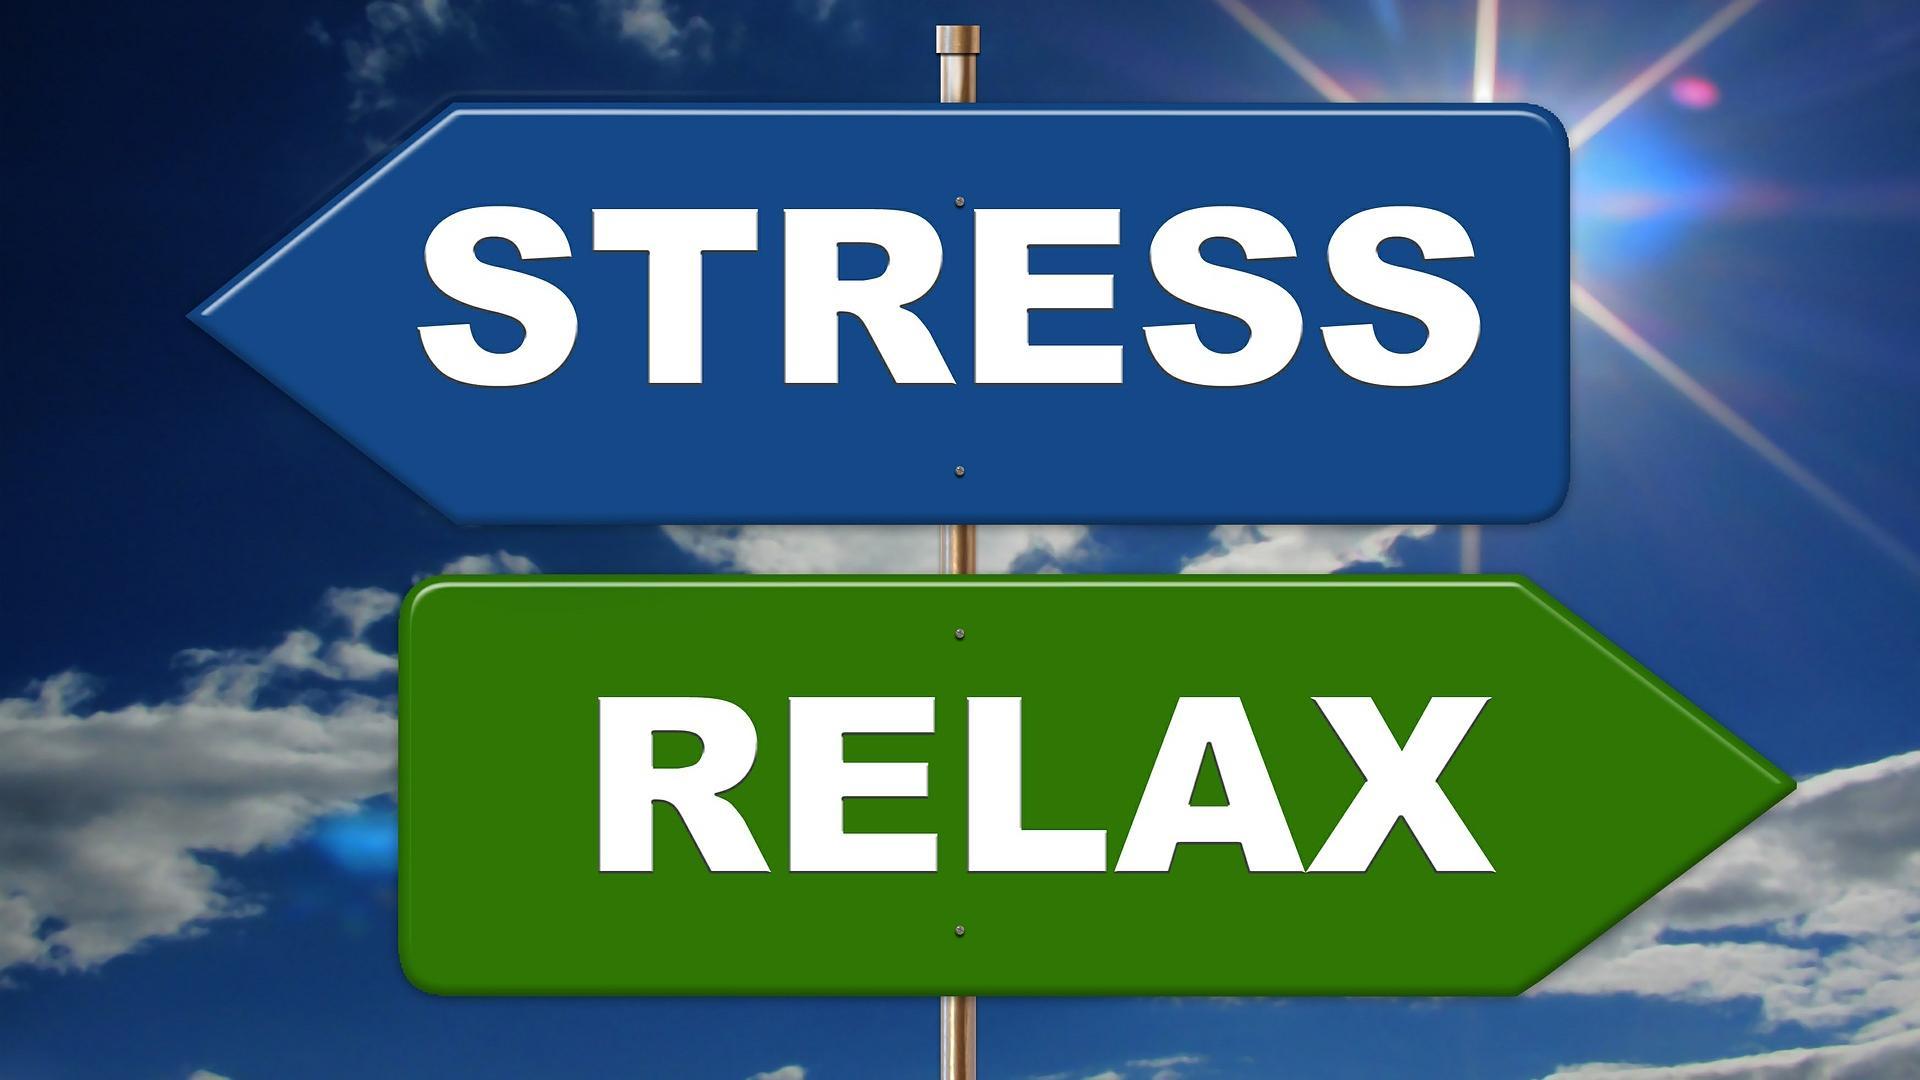 Stress vermeiden: Die 7 wichtigsten Tipps für mehr Achtsamkeit